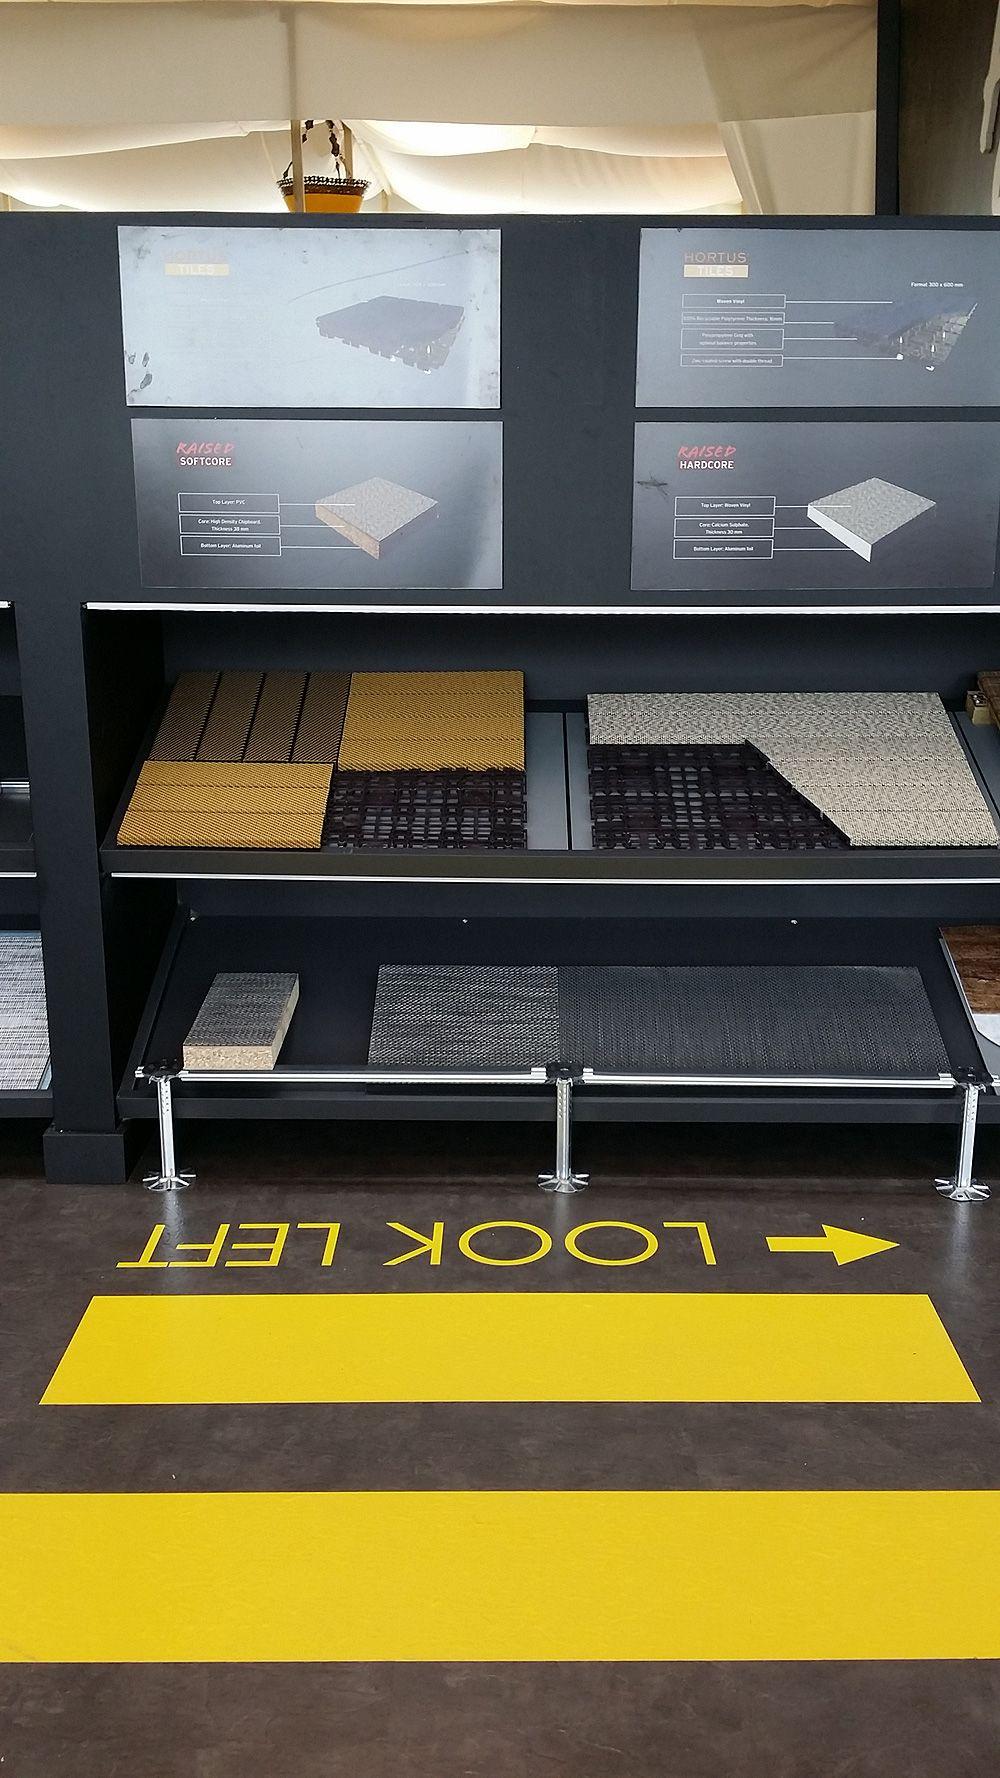 pavimentos y revestimientos vinílicos floover (11) | Floover ...